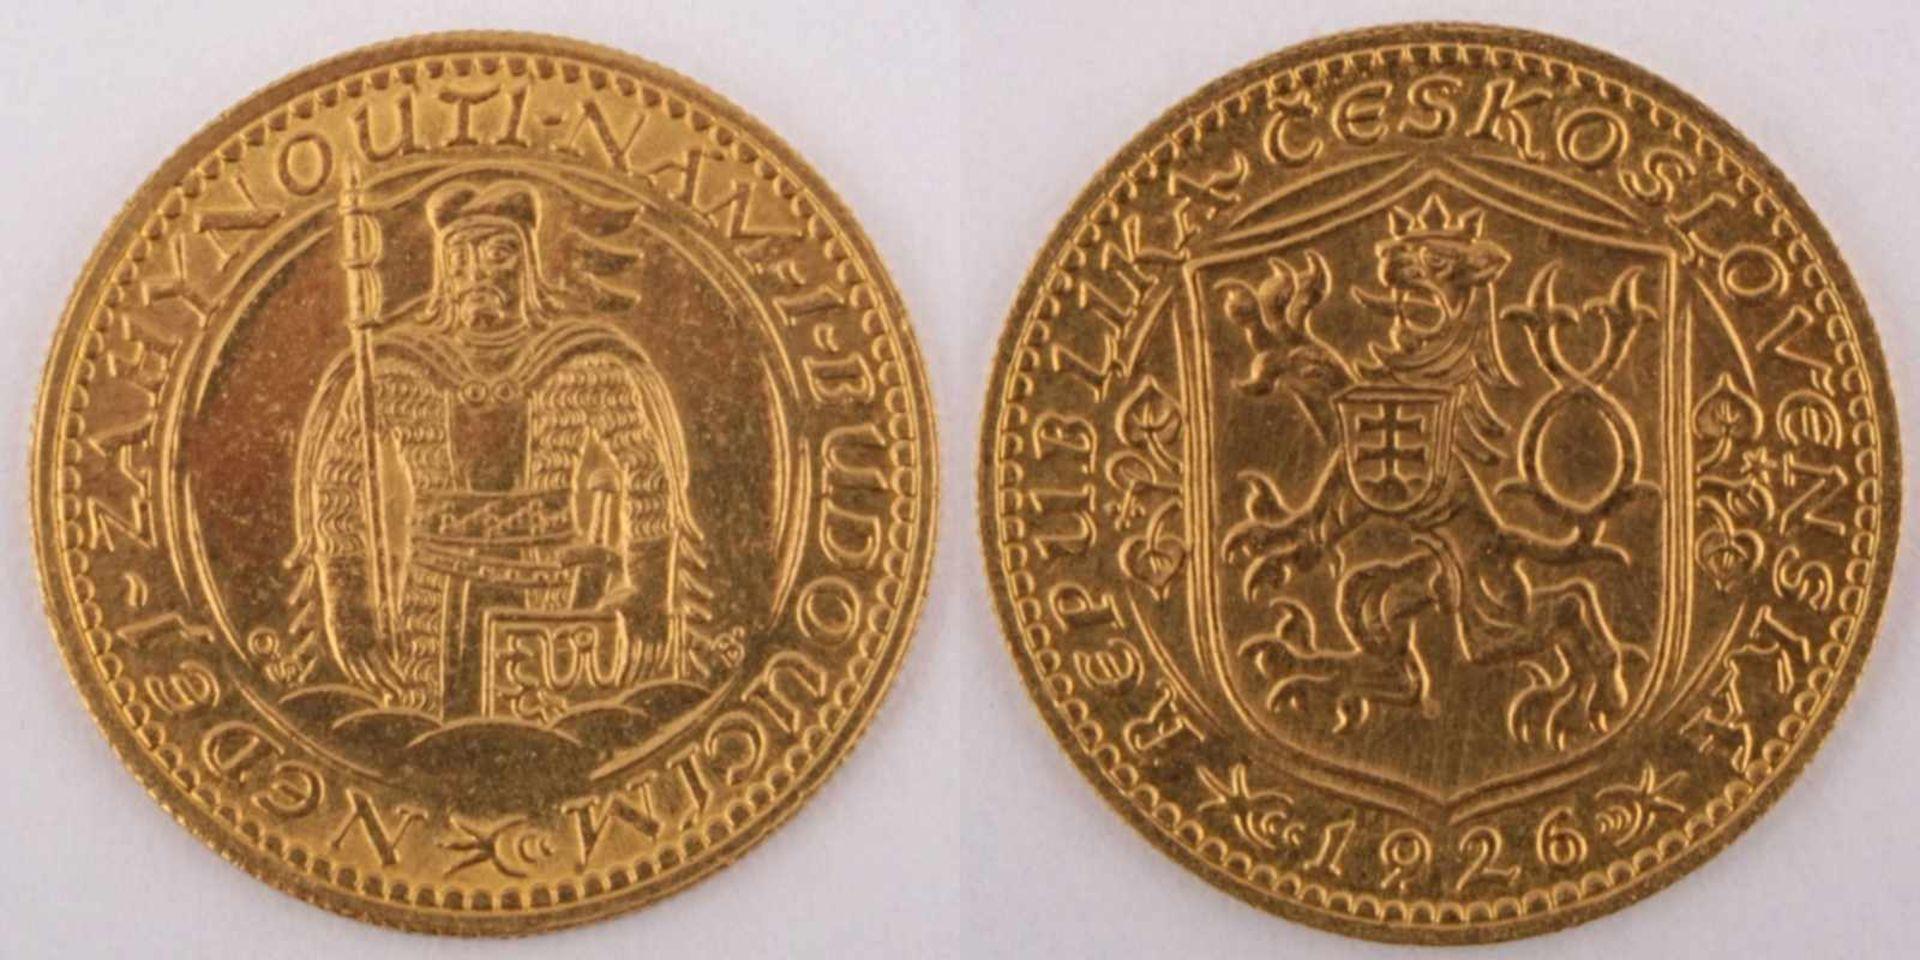 Los 9 - Gold coin: Saint Wenceslaus Ducat 1926 Czechoslovakia, Saint Wenceslaus Ducat, year 1926, gold coin,